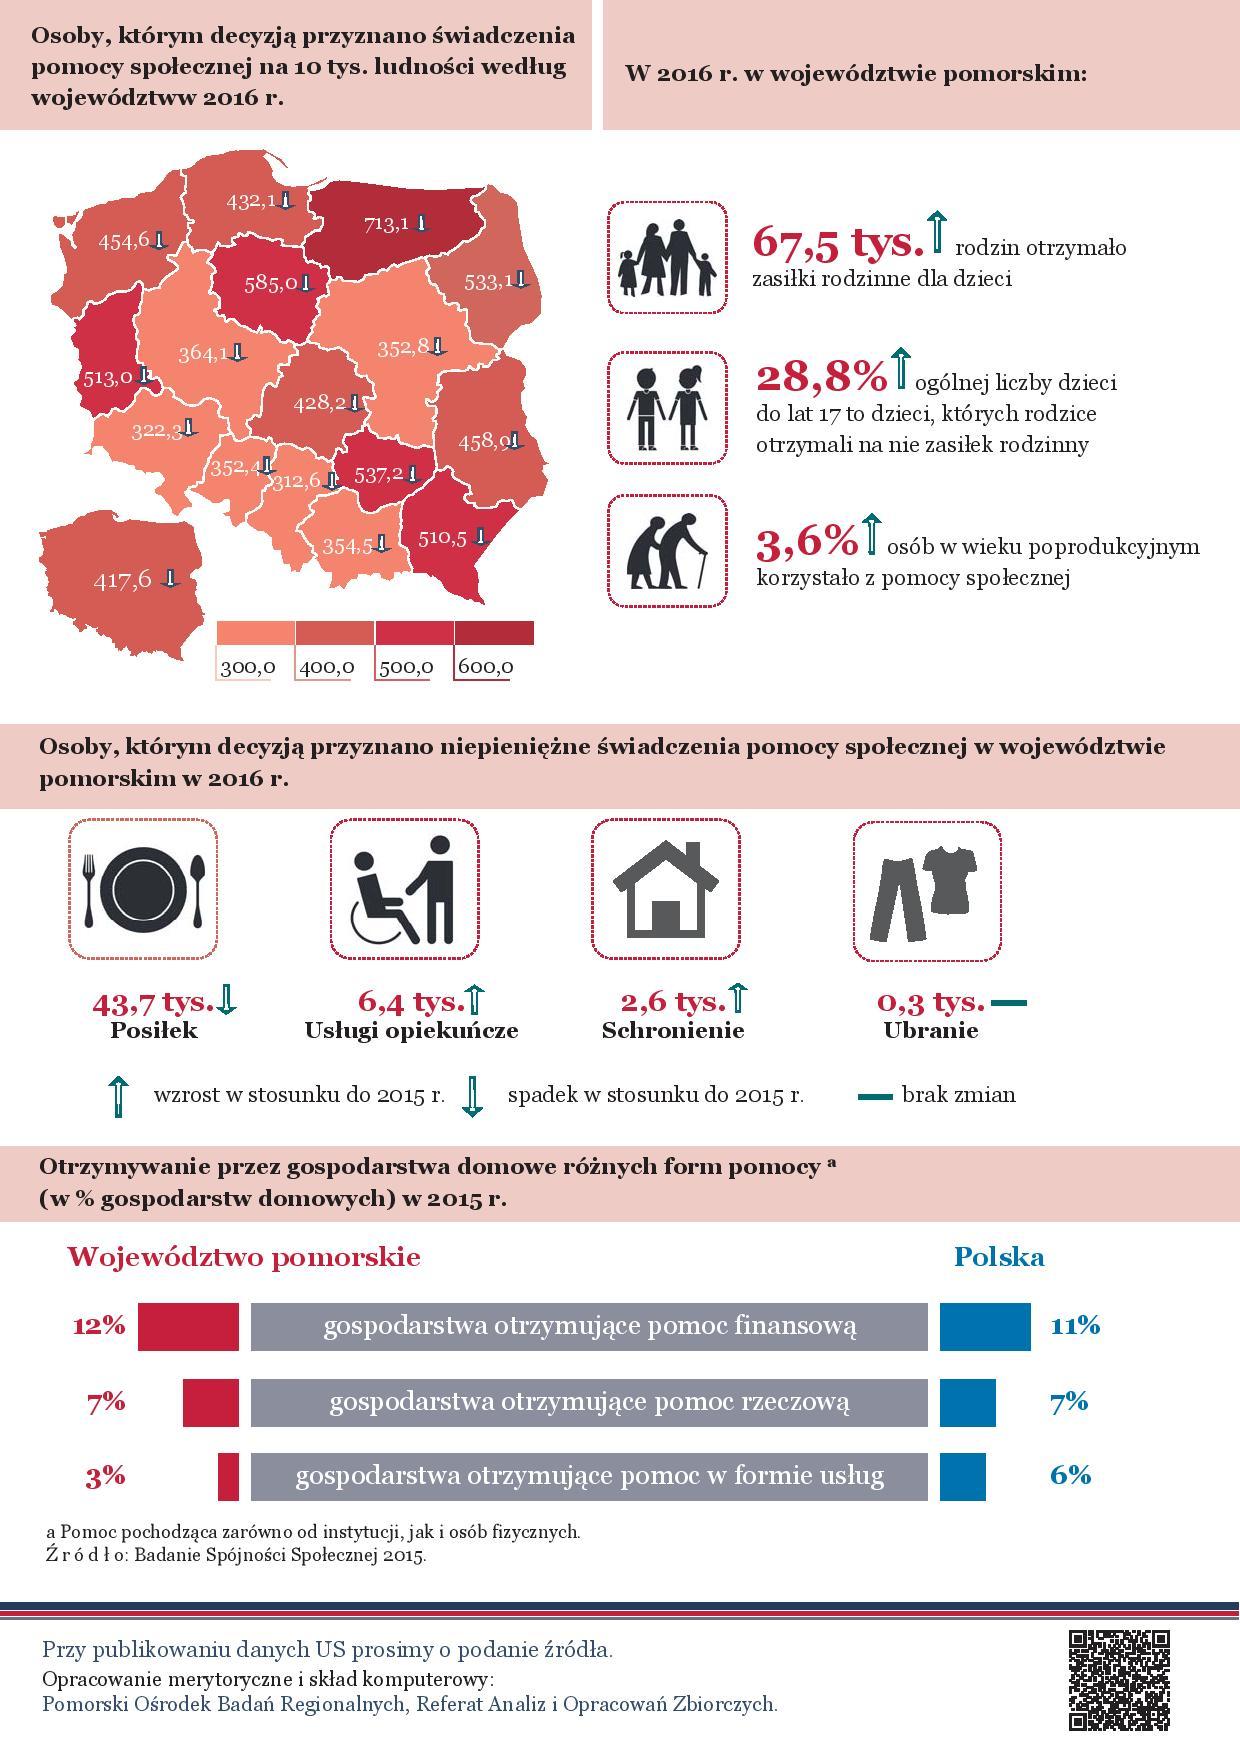 infografika Międzynarodowy Dzień Walki z Ubóstwem część 2